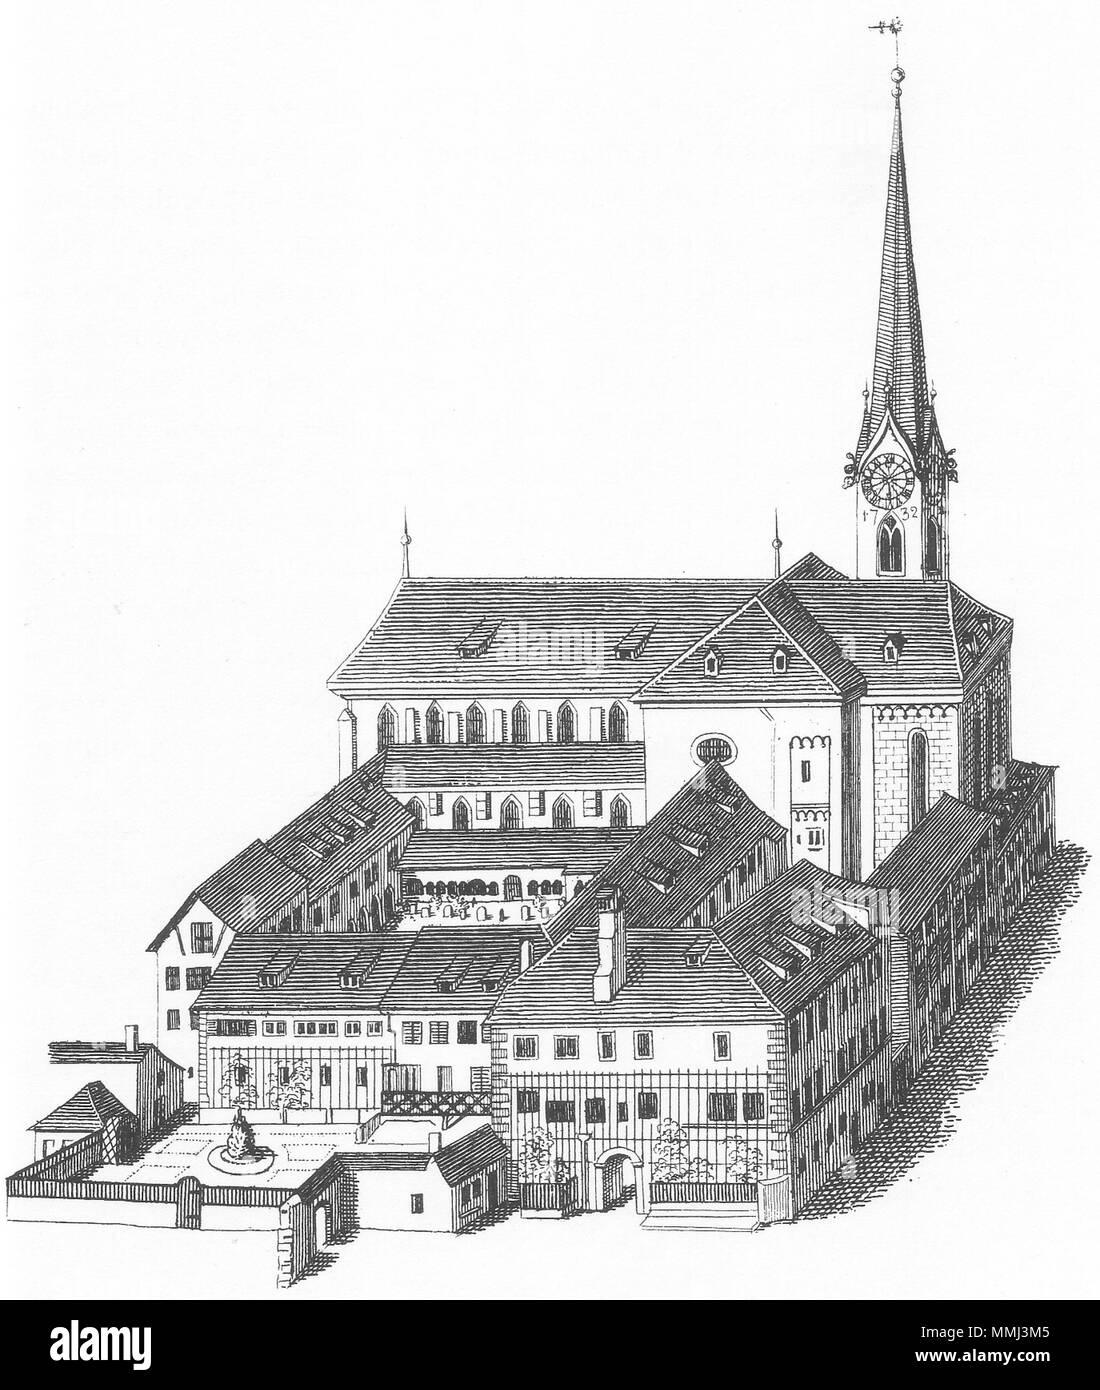 .  Deutsch: Ansicht der Fraumünsterkirche und der Abteigebäude in Zürich um ca. 1750.  The Fraumünsterkirche in Zurich. 1830. Heinrich Keller Abtei und Fraumuenster 1830 - Stock Image